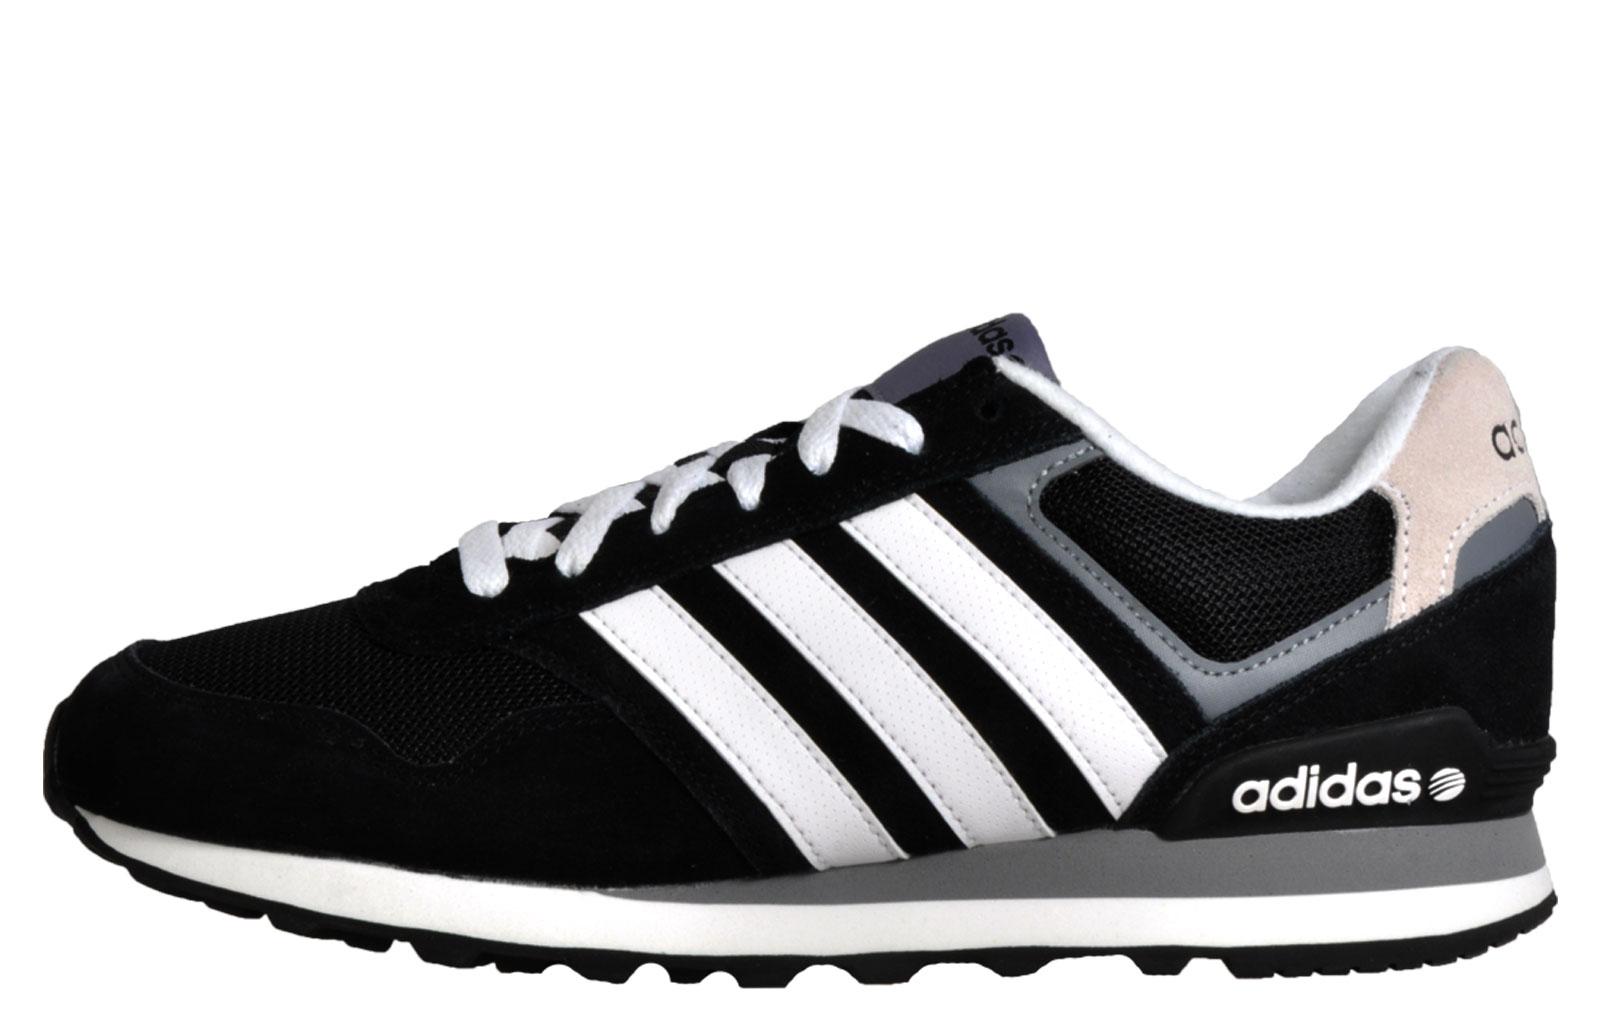 adidas neo 10k retrò scarpe mens scarpe.